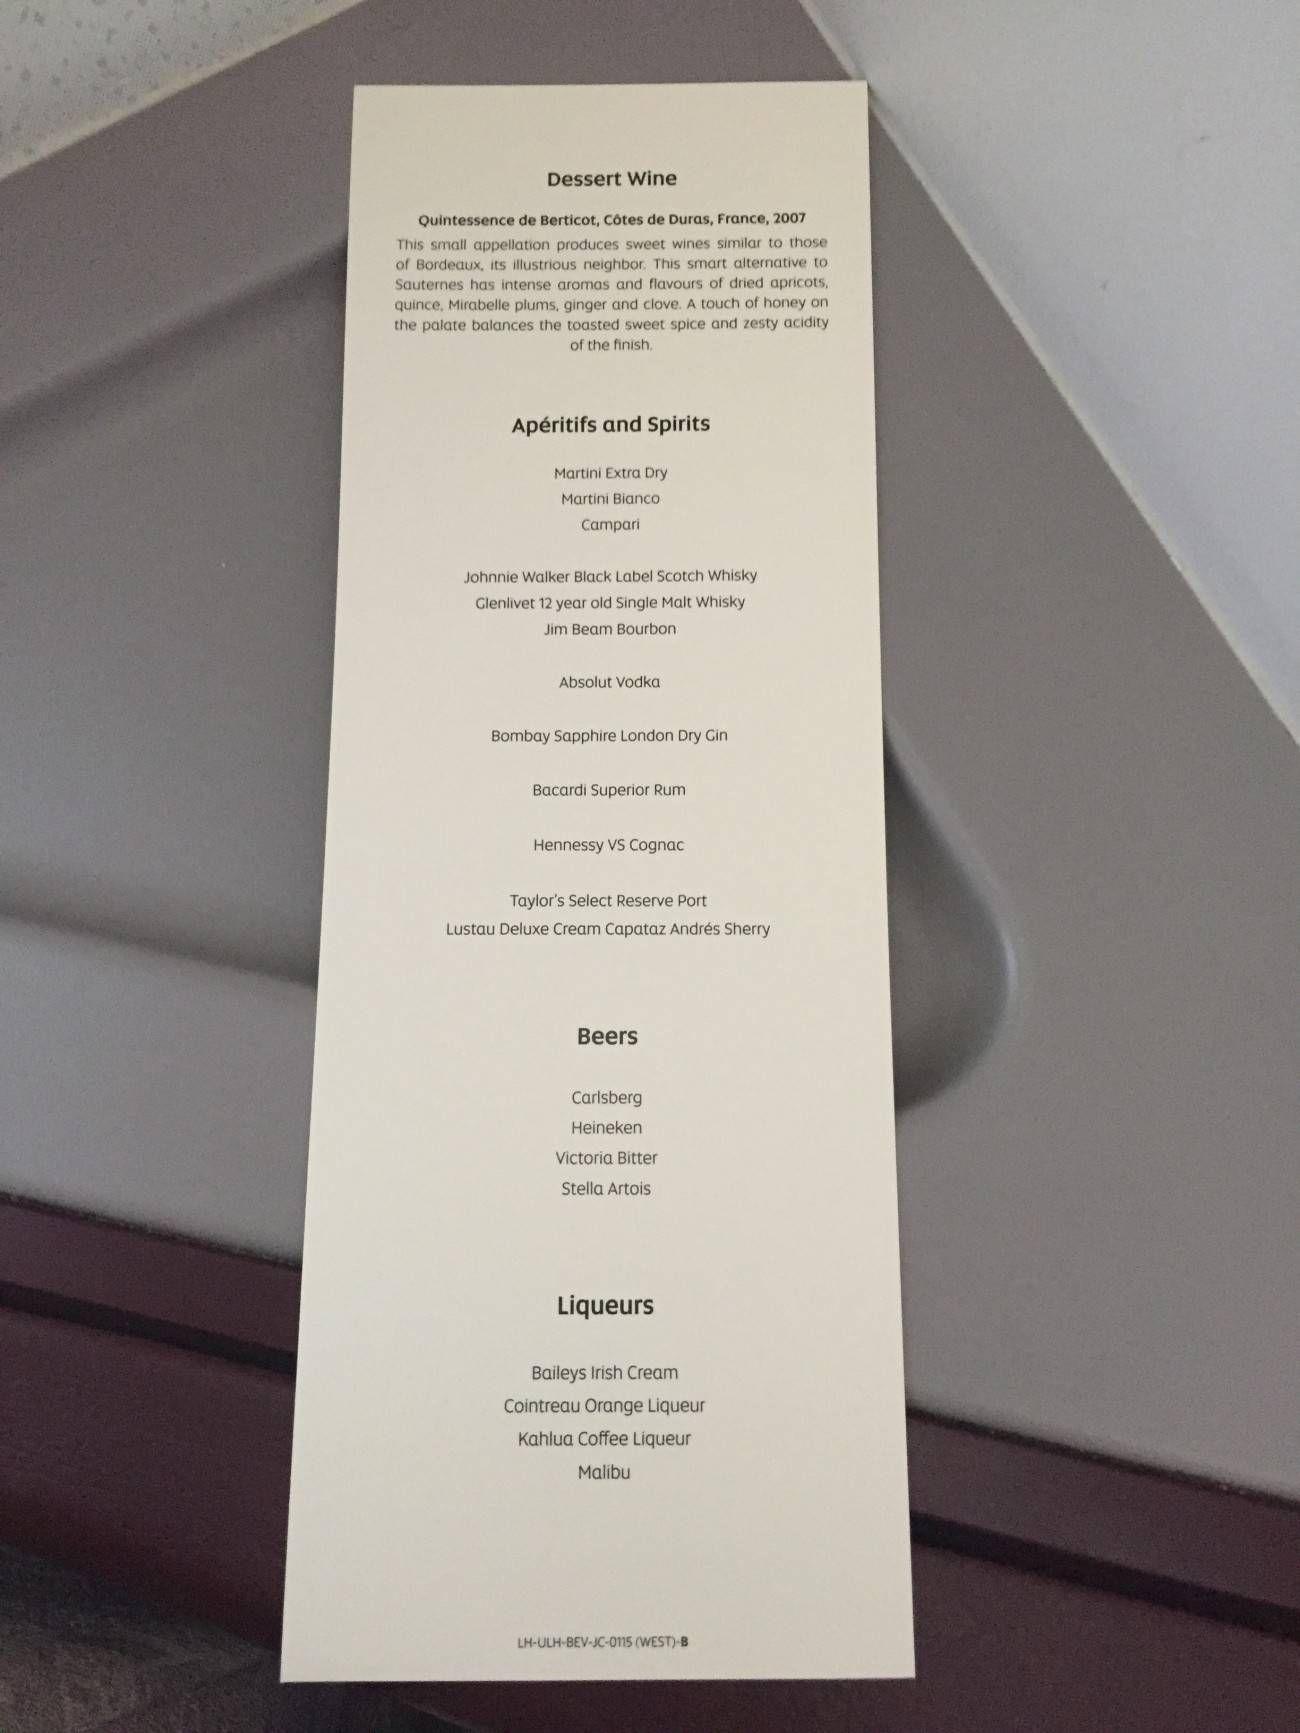 Jet Airways A330 Business Class Etihad Passageirodeprimeira -025